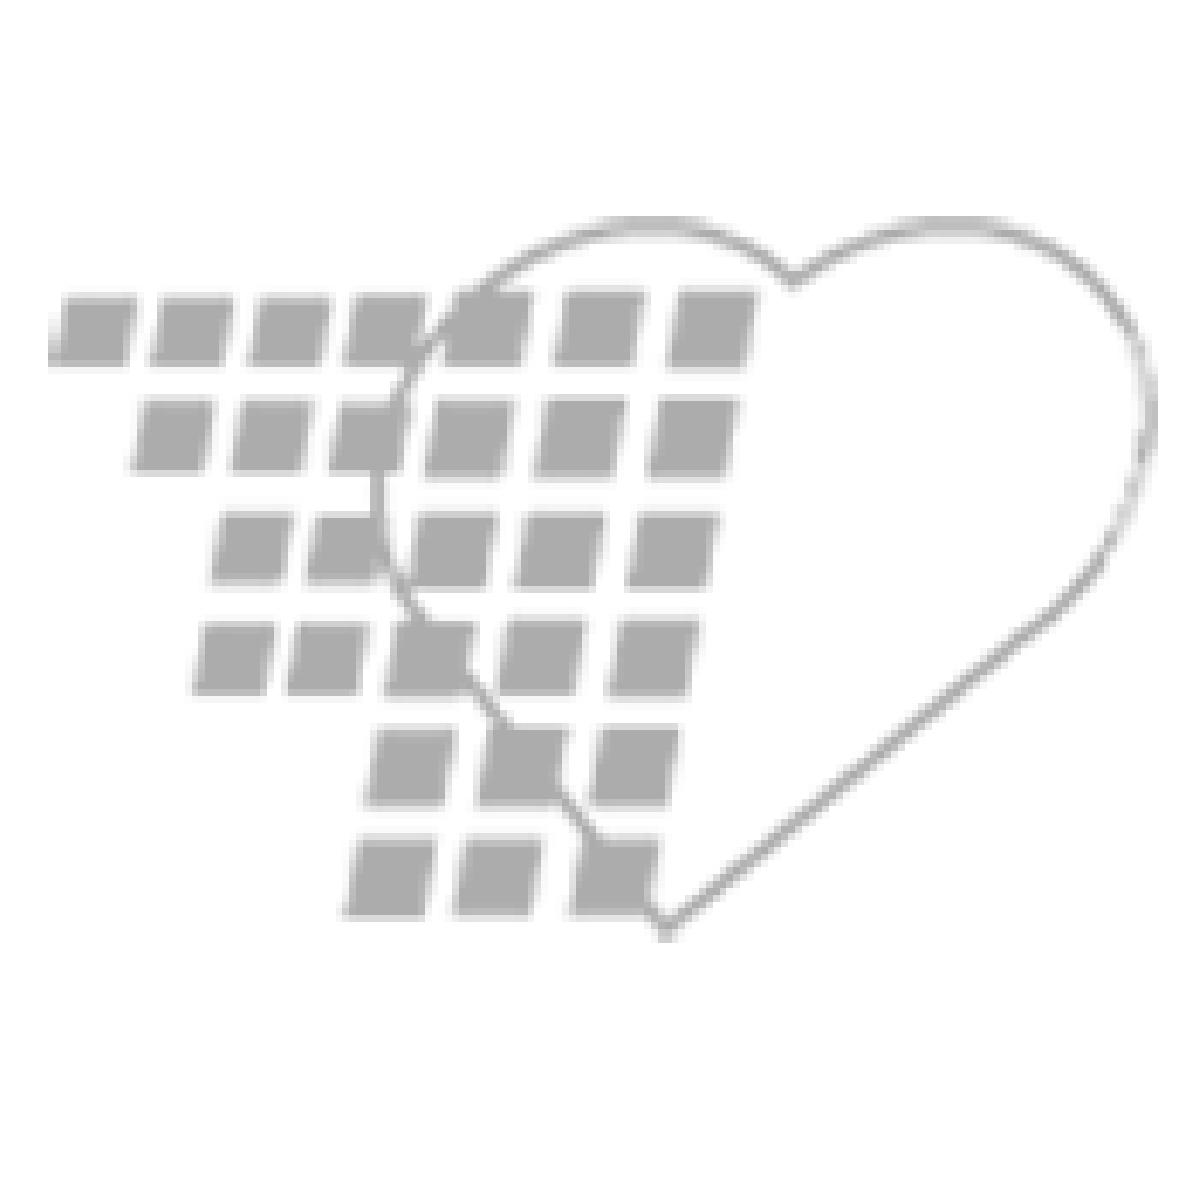 06-93-0066 - Demo Dose® Zolpidm Tartrat (Ambin) 5 mg - 100 Pills/Bottle